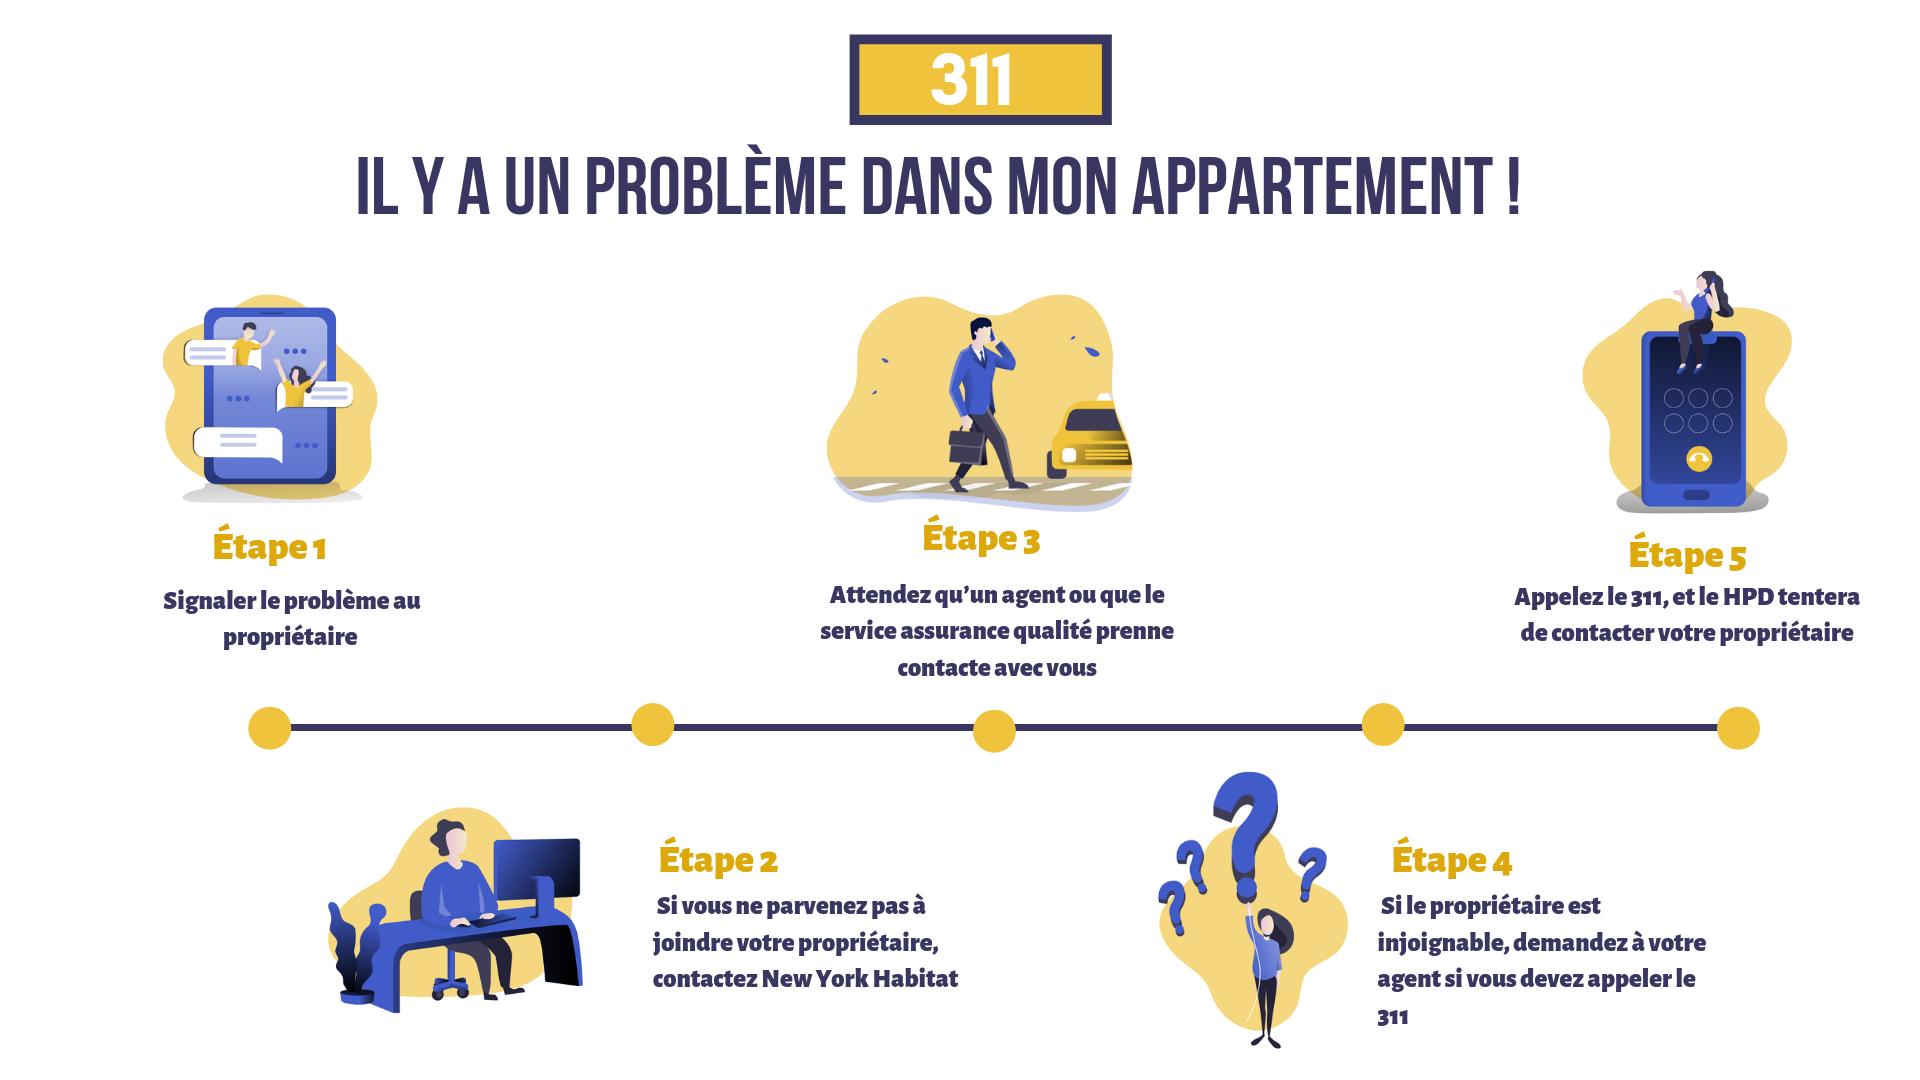 Infographie décrivant la procédure en 5 étapes pour signaler un problème d'appartement à votre propriétaire, à votre agent puis au 311.